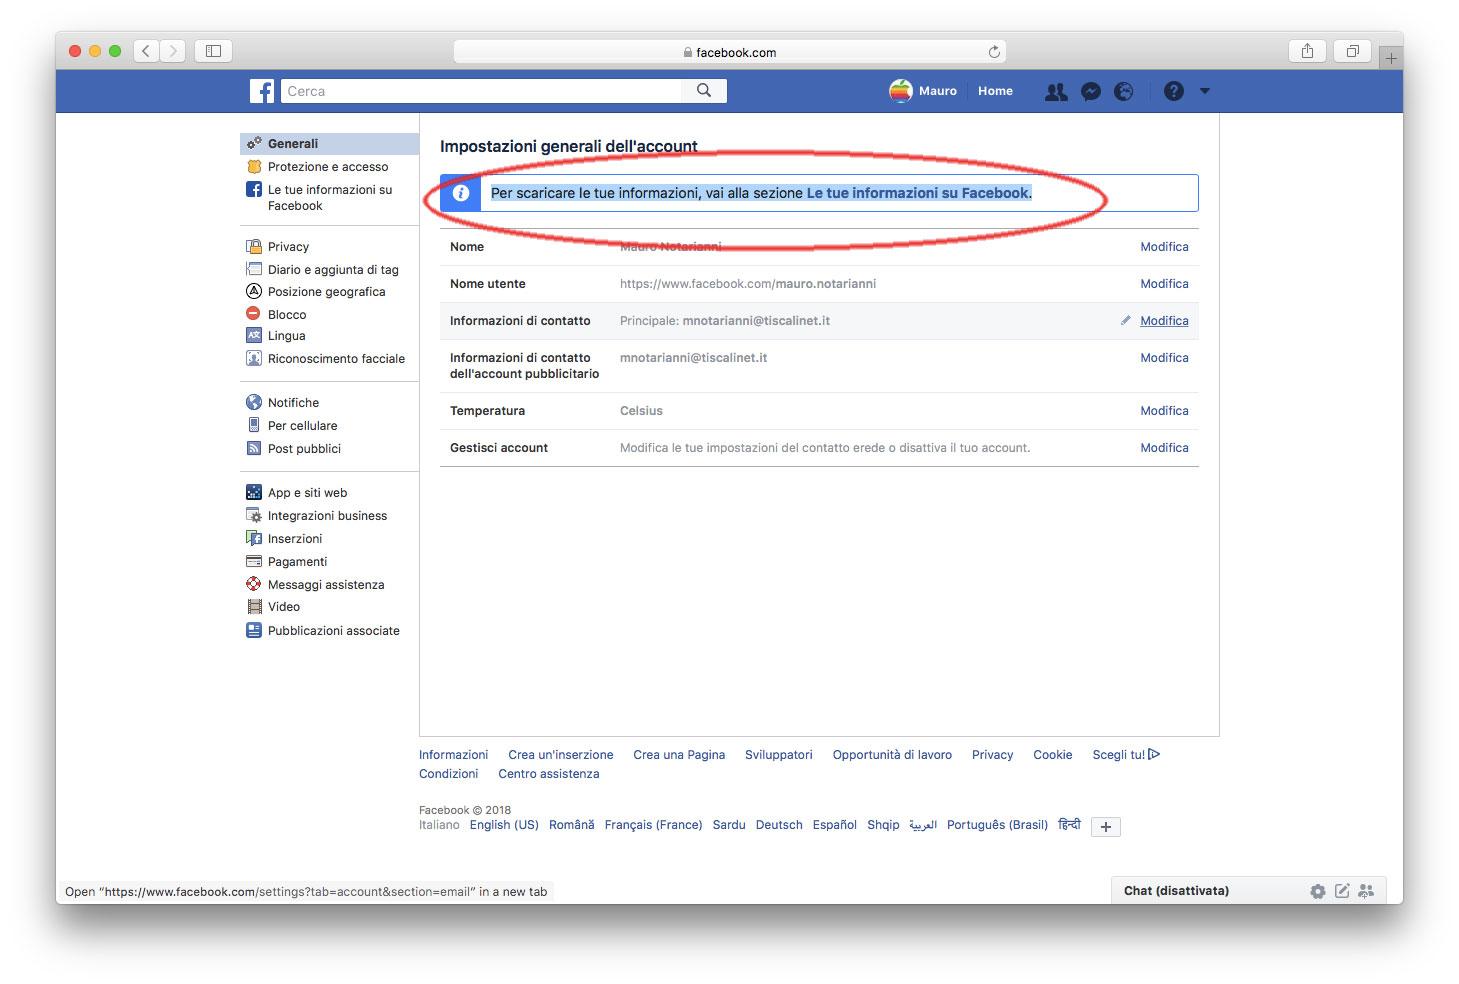 Cosa sa Facebook su di me?